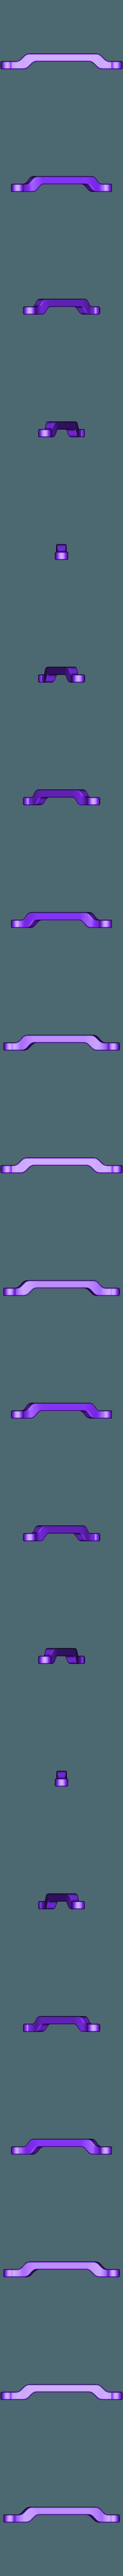 Drag link.stl Télécharger fichier STL gratuit WLtoys A959 • Plan imprimable en 3D, EvolvingExtrusions